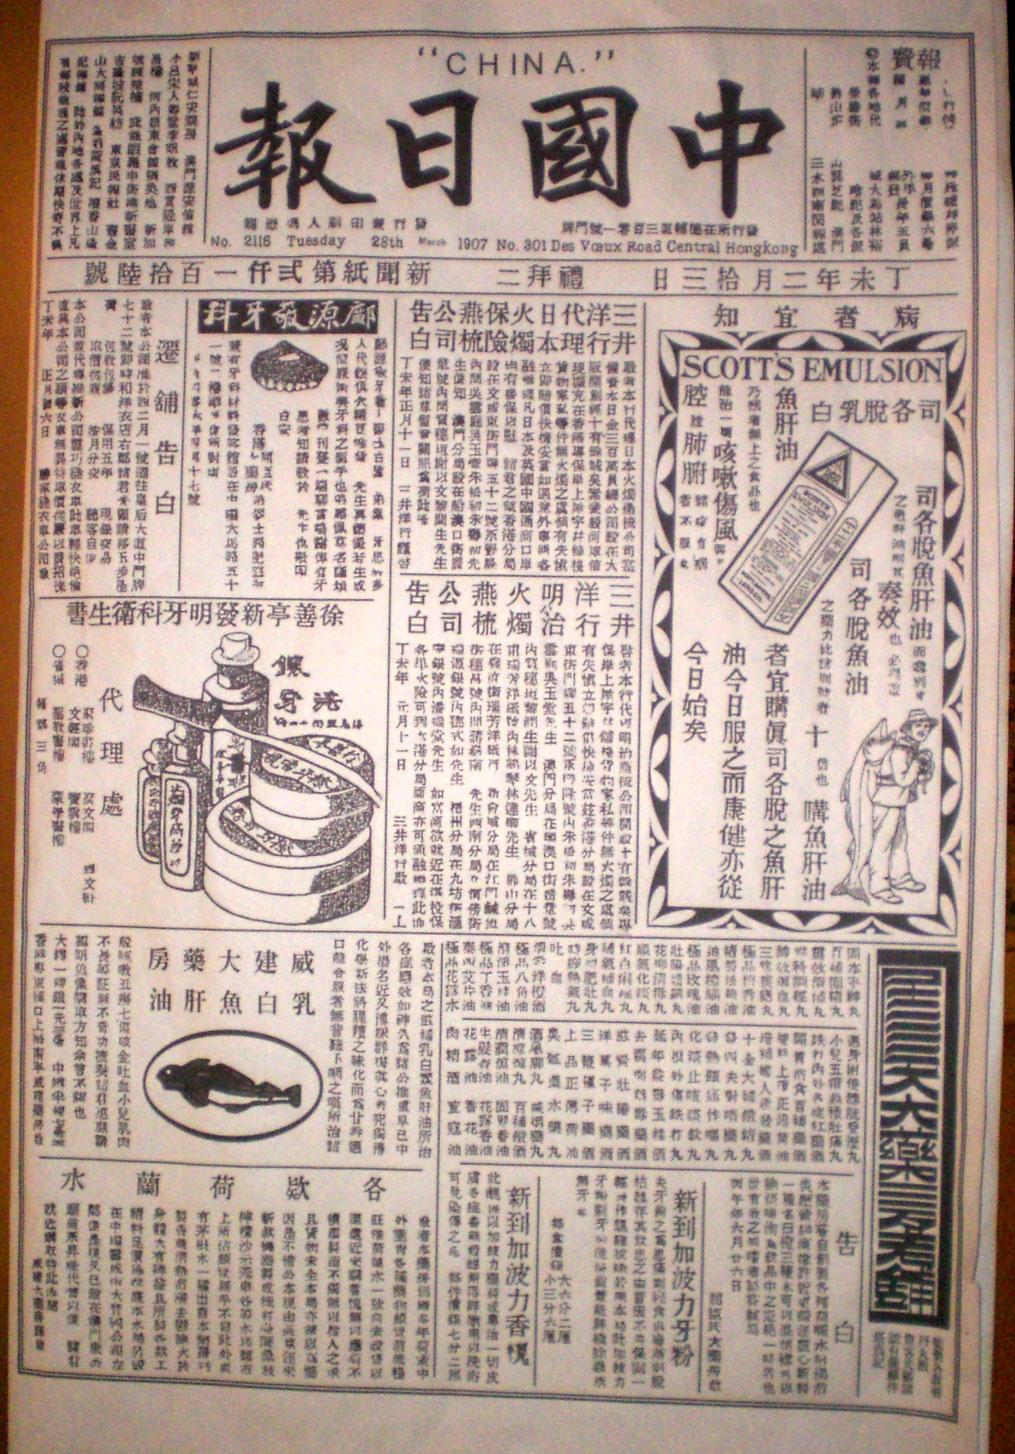 圖為1907年2月13日的《中國日報》。(GFDL/Wikimedia Commons)